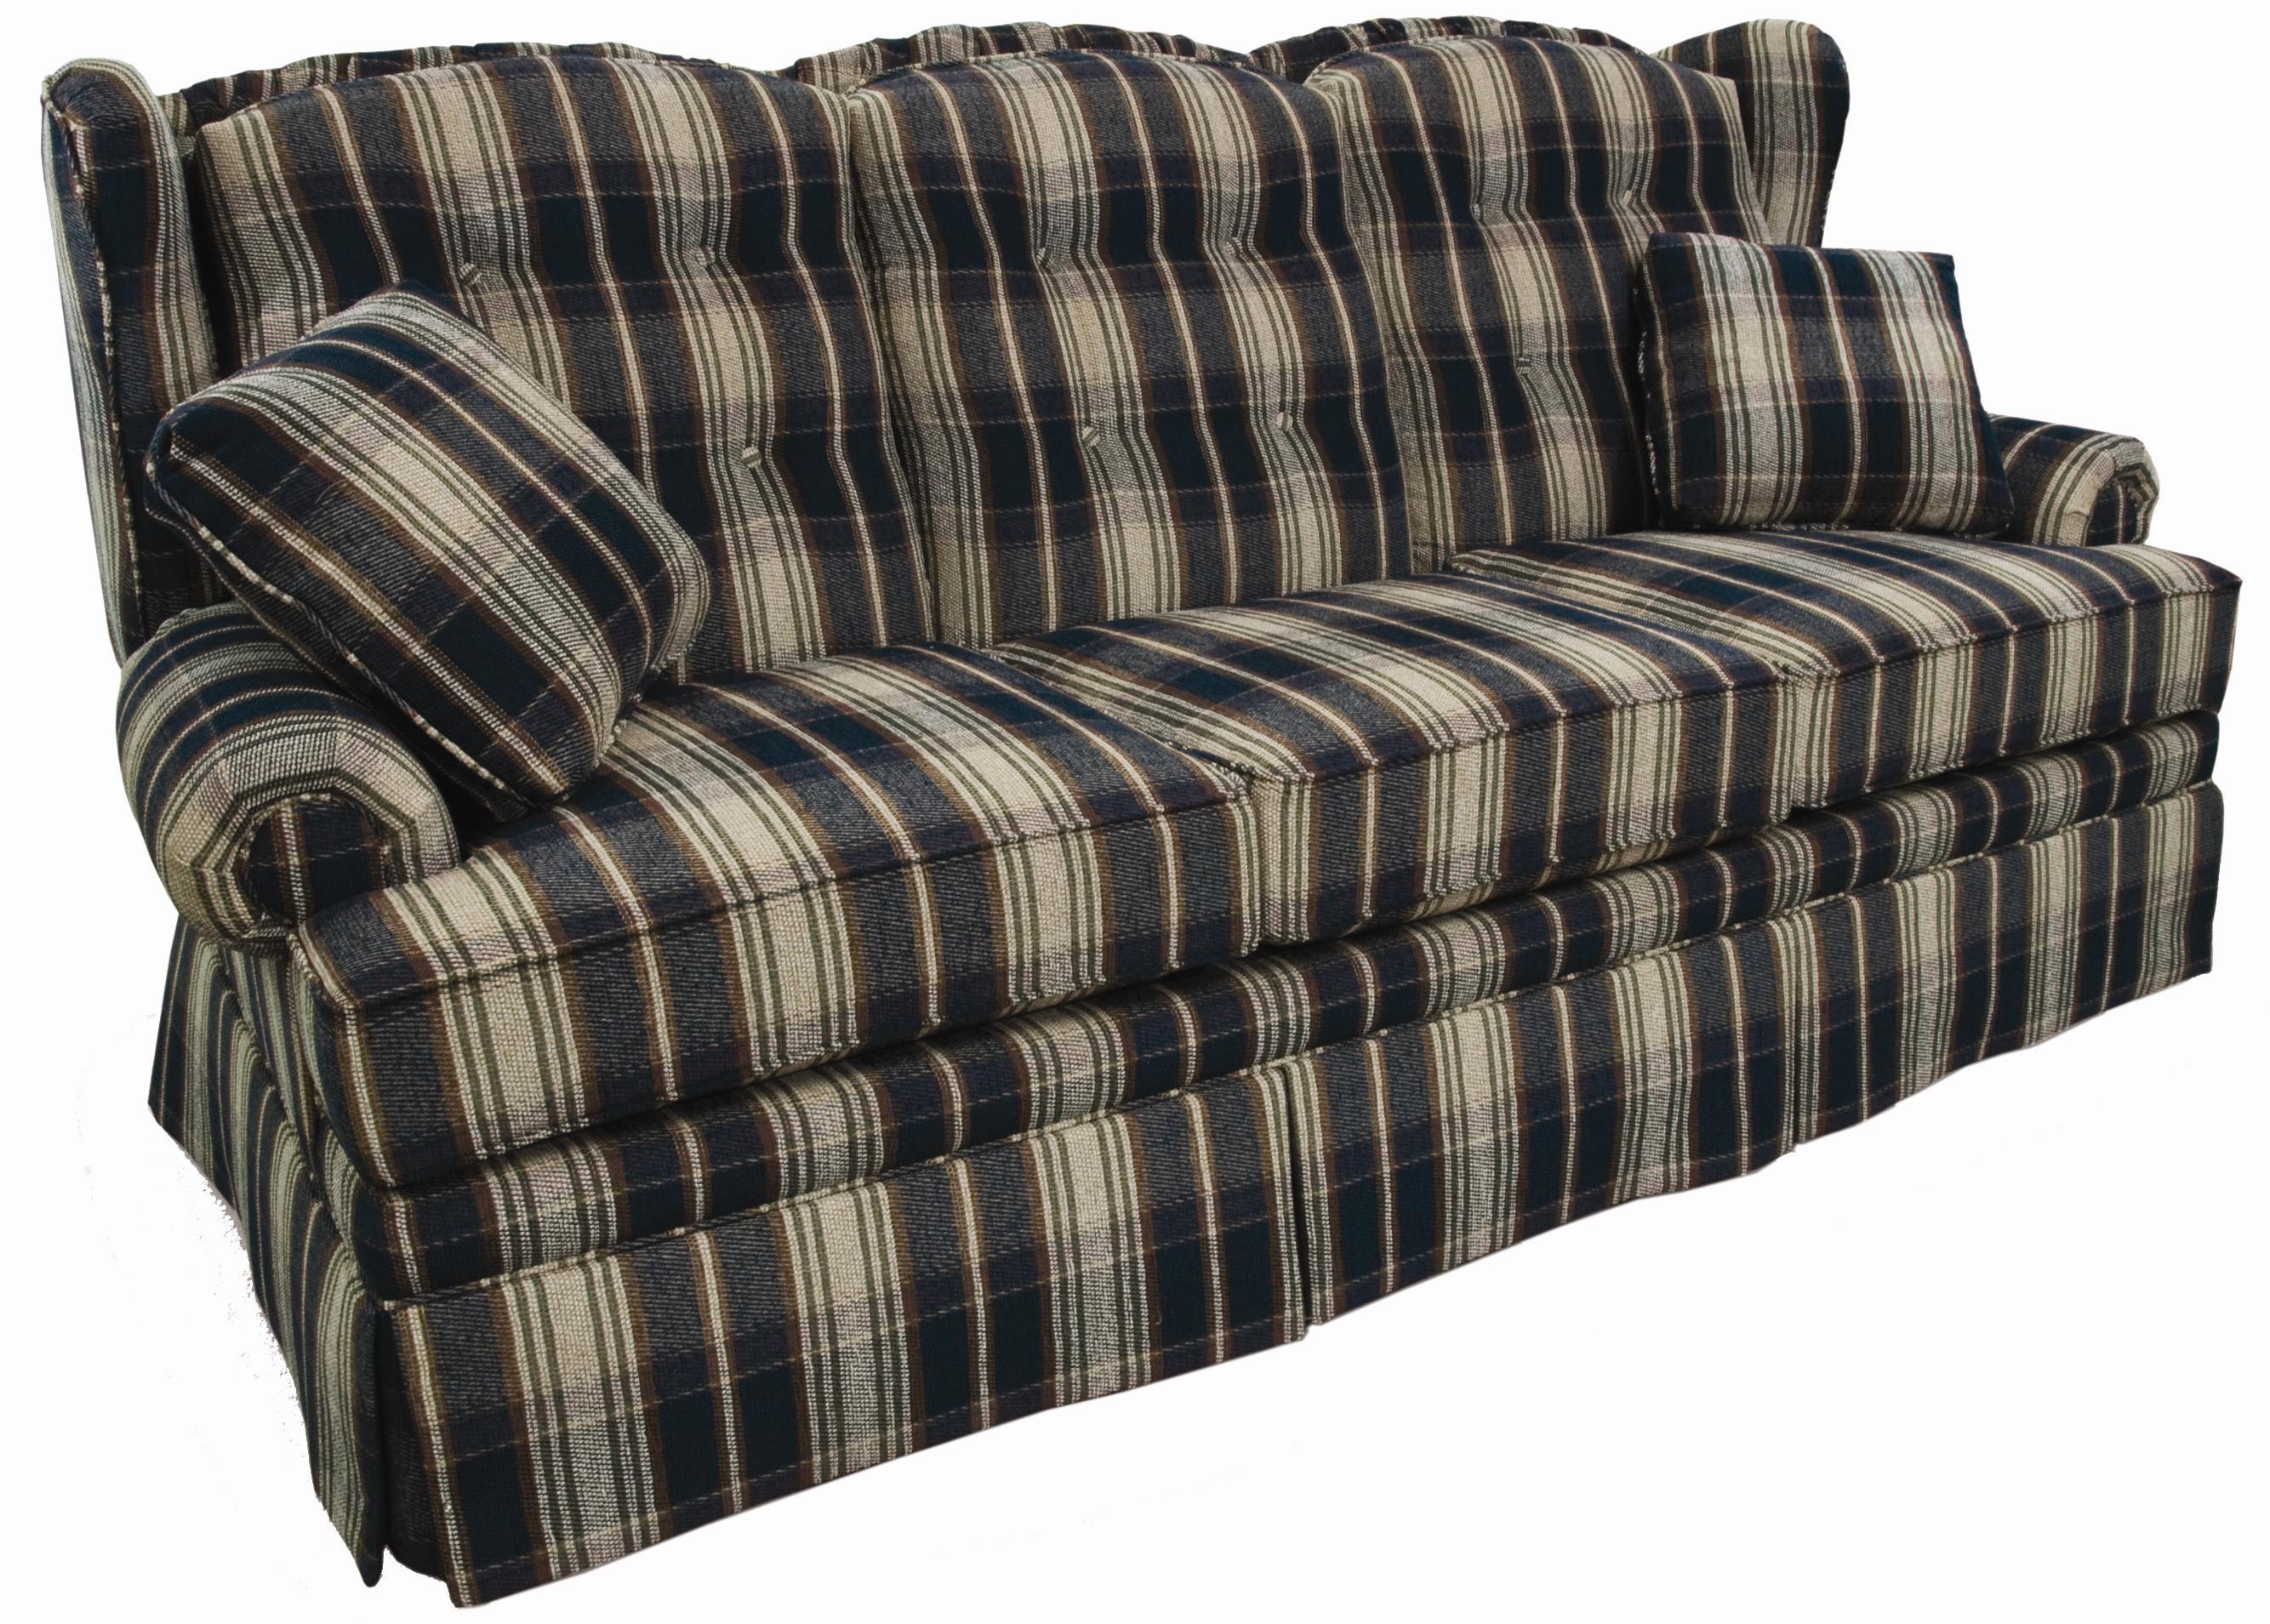 Lancer 9700 Wing Back Camel Sofa Wayside Furniture